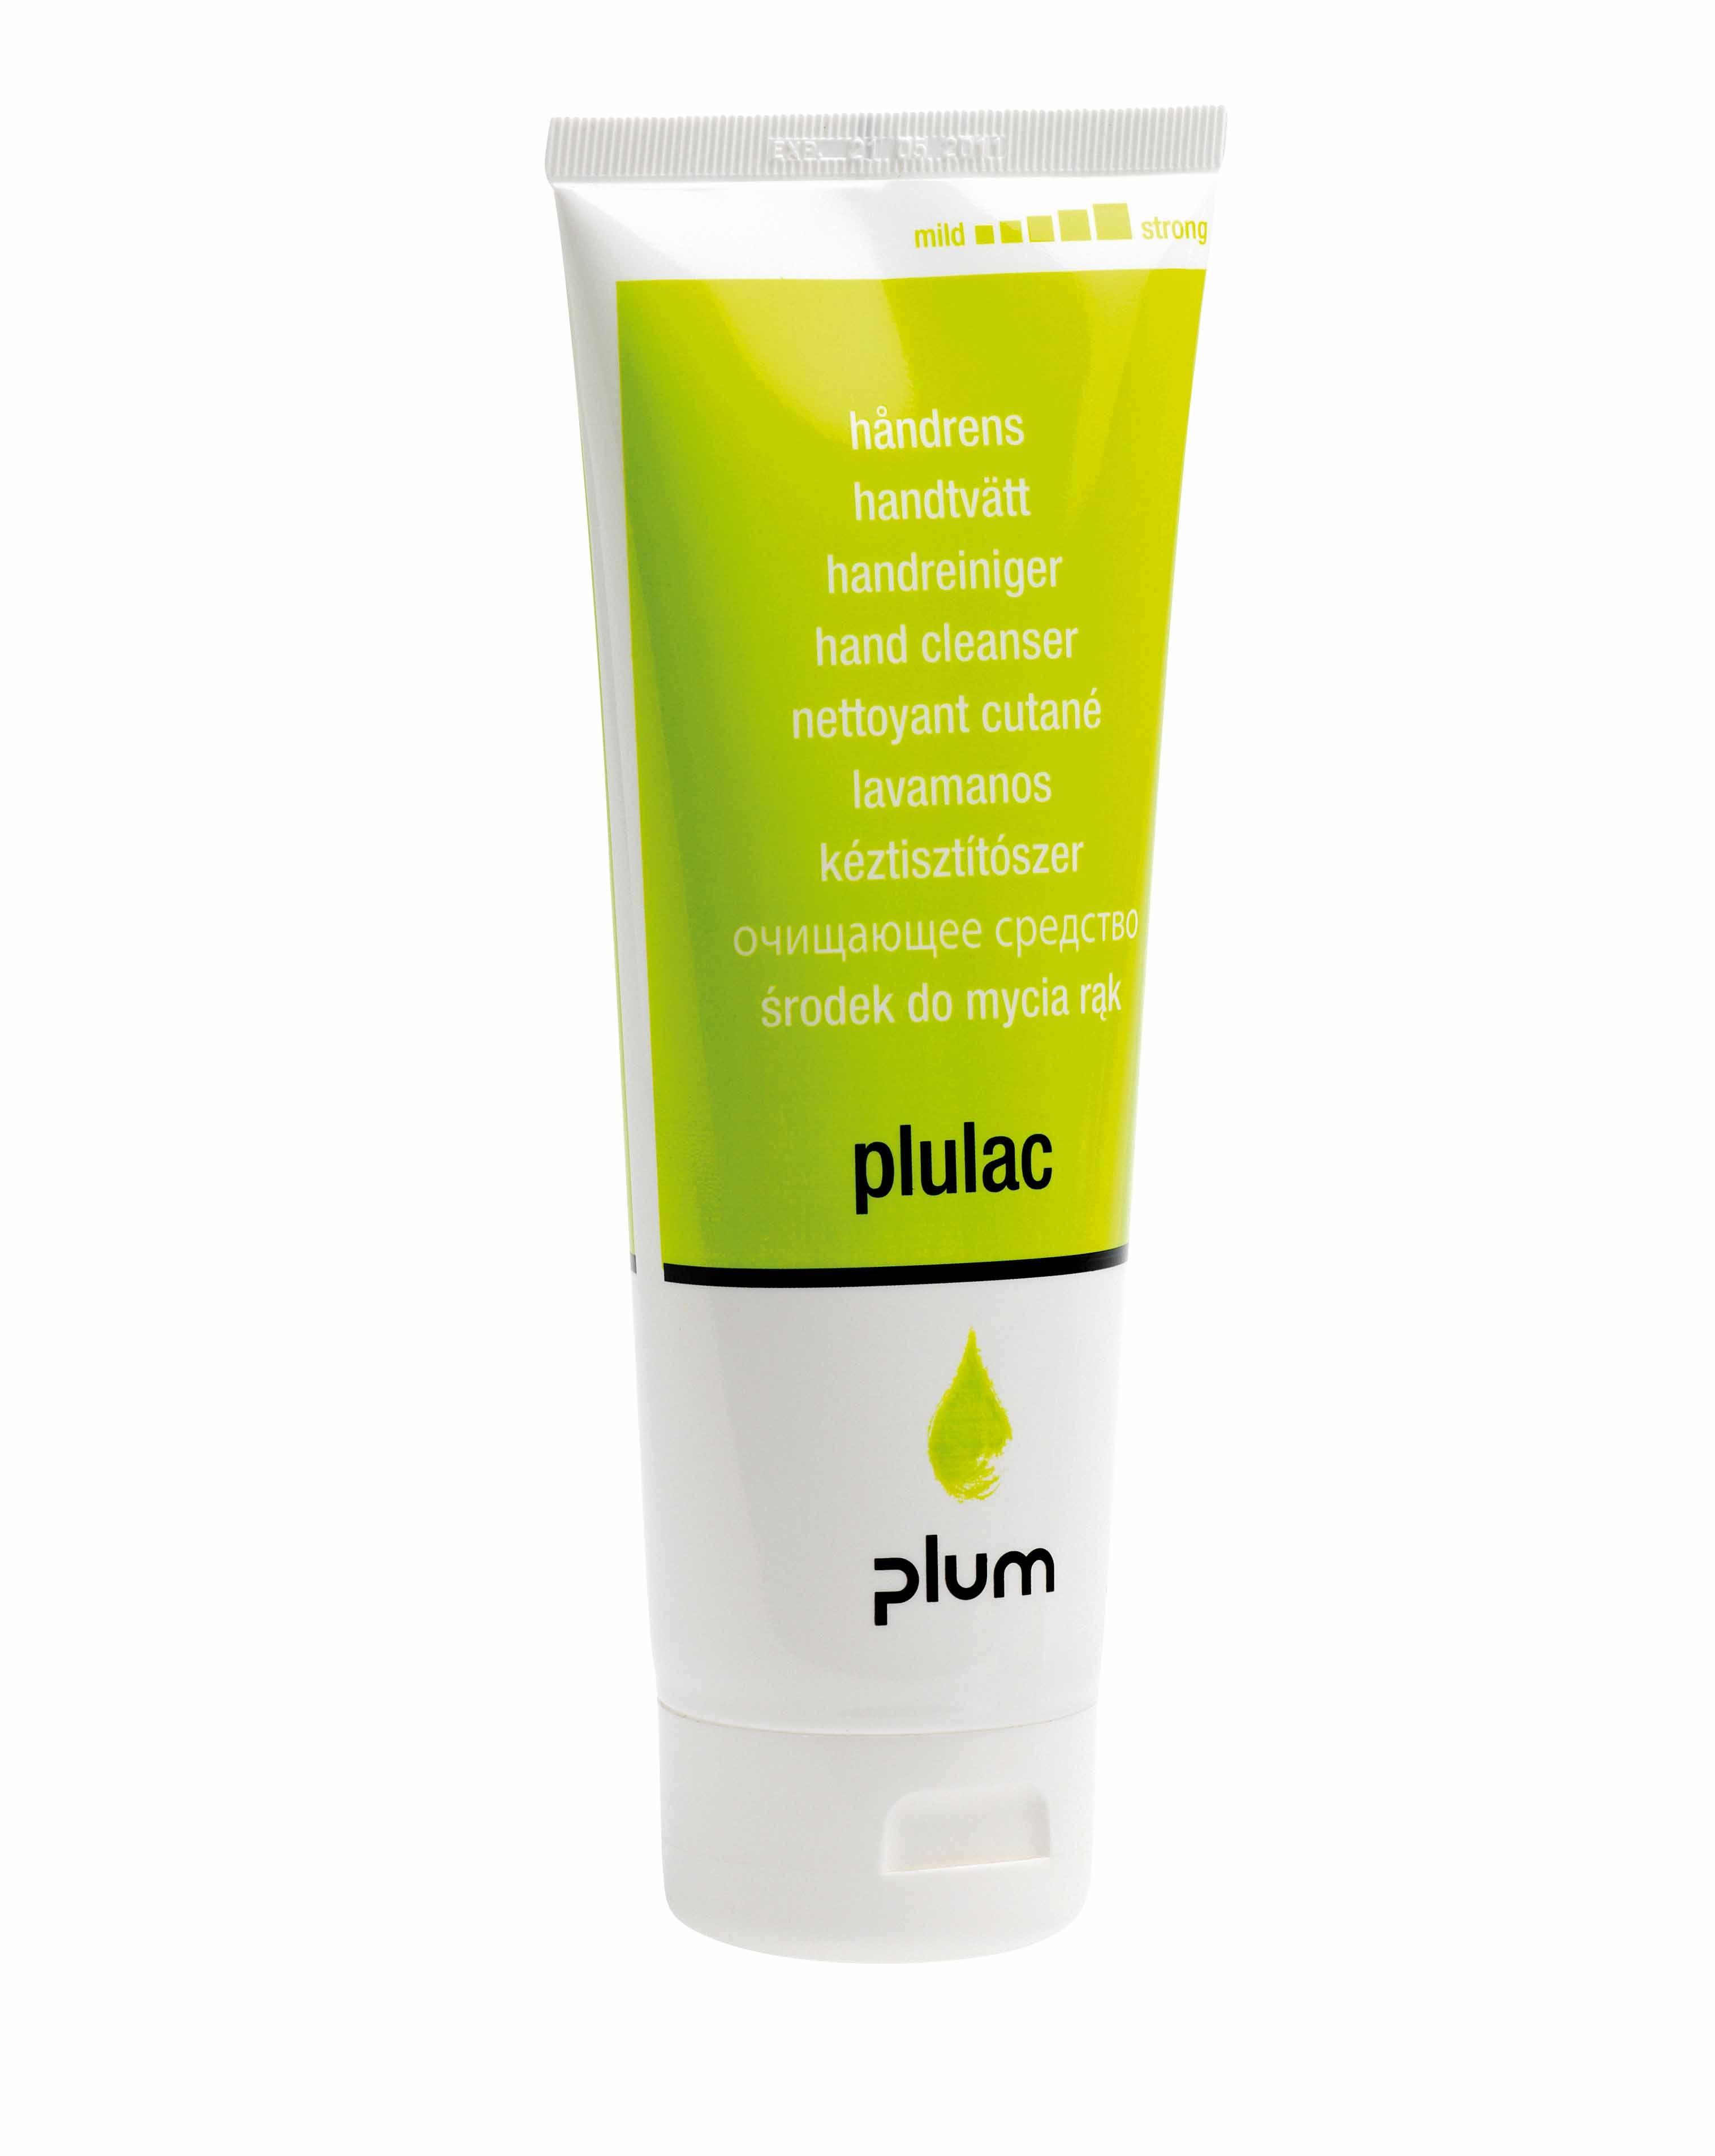 Čistič rukou PLULAC 0815 - 250 ml - D500050